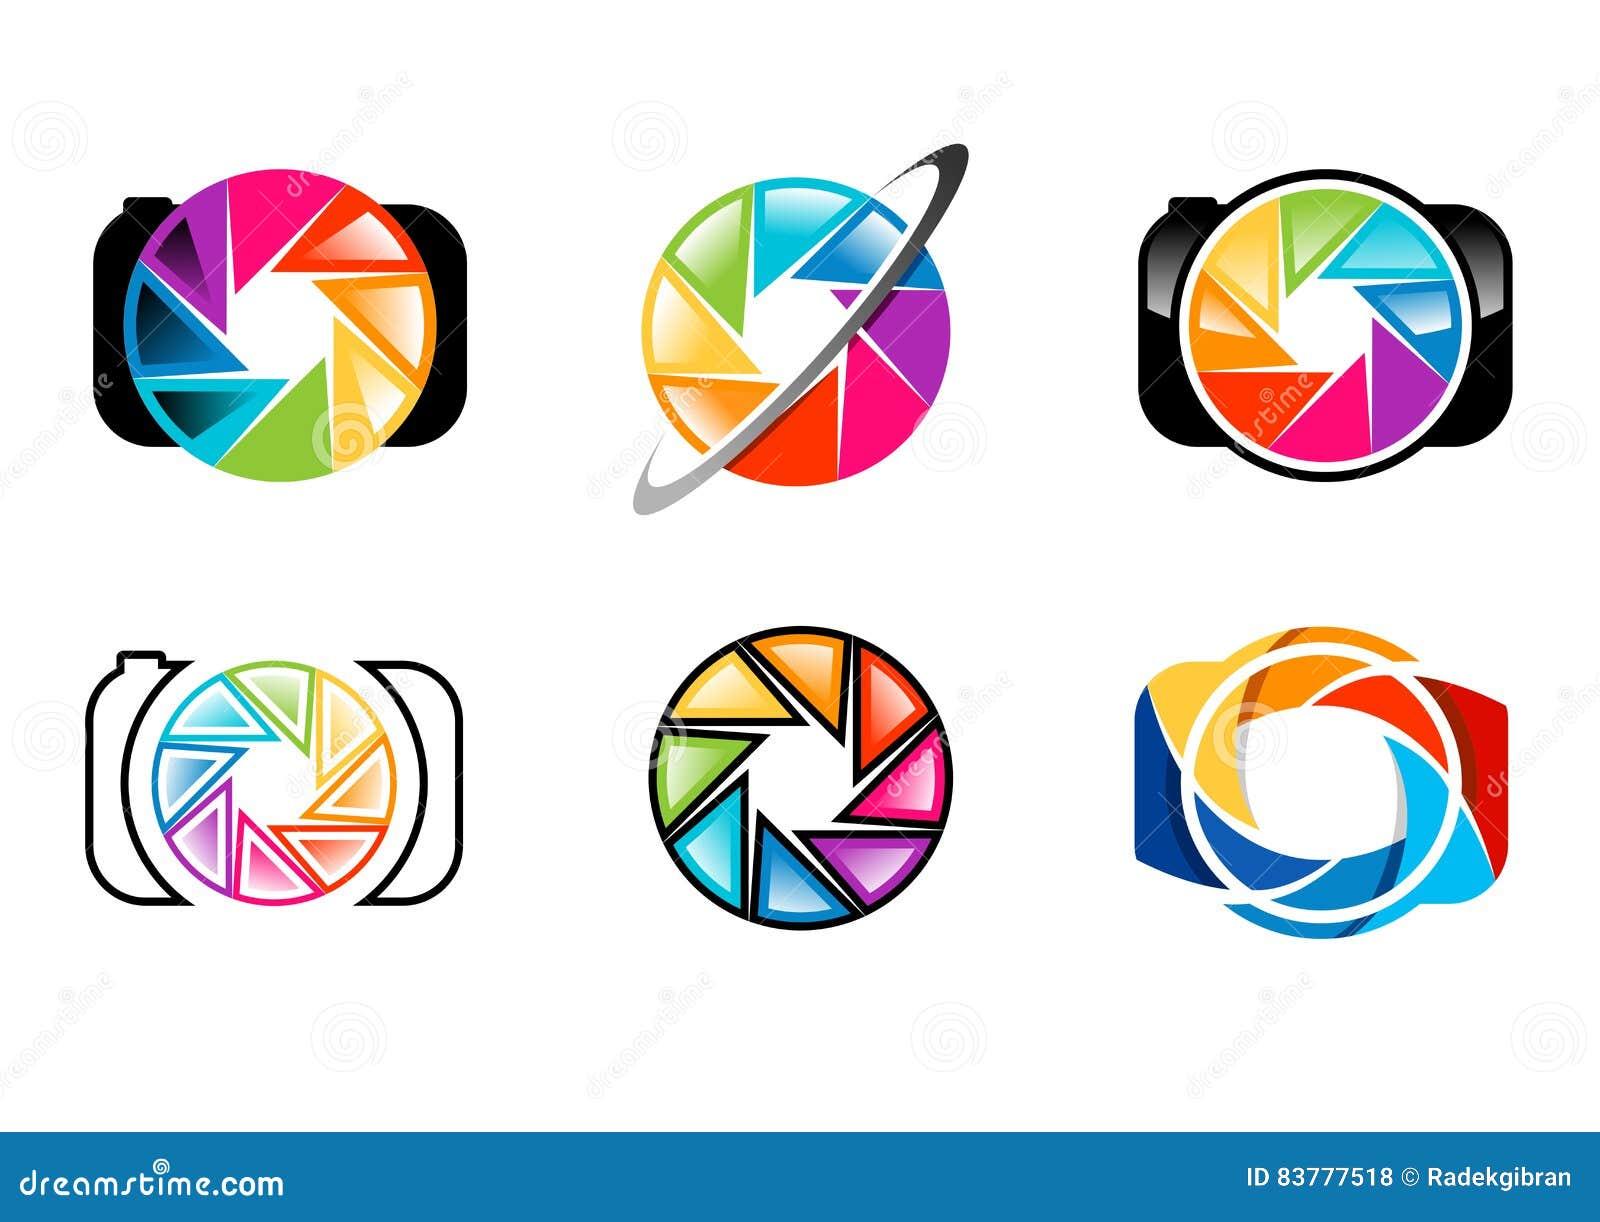 Kamera, logo, obiektyw, apertura, żaluzje, tęcza, colorize, set fotografia loga pojęcia symbolu ikony wektorowy projekt